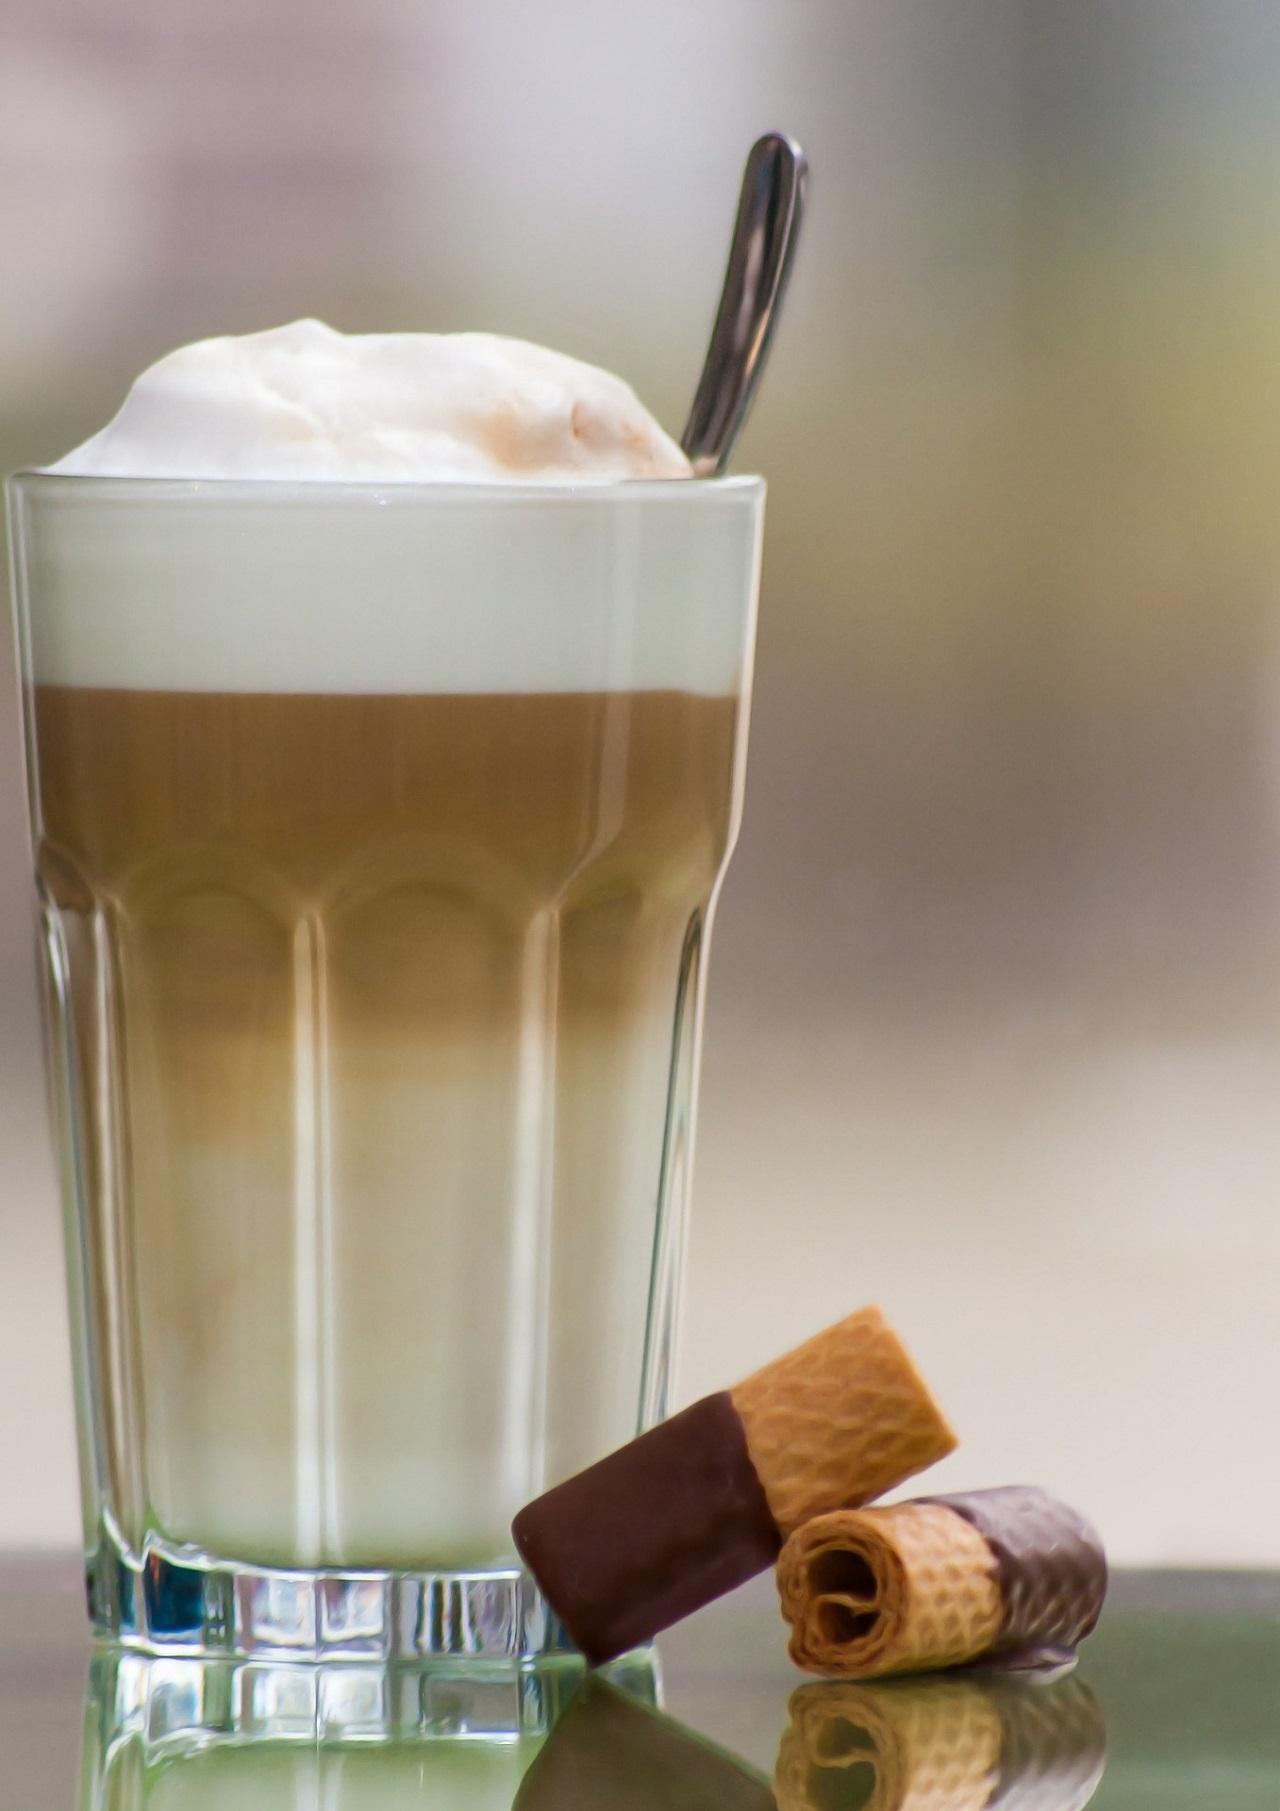 Aus einem richtigen Latte Macchiato Glas schmeckt der Latte Macchiato gleich viel besser.